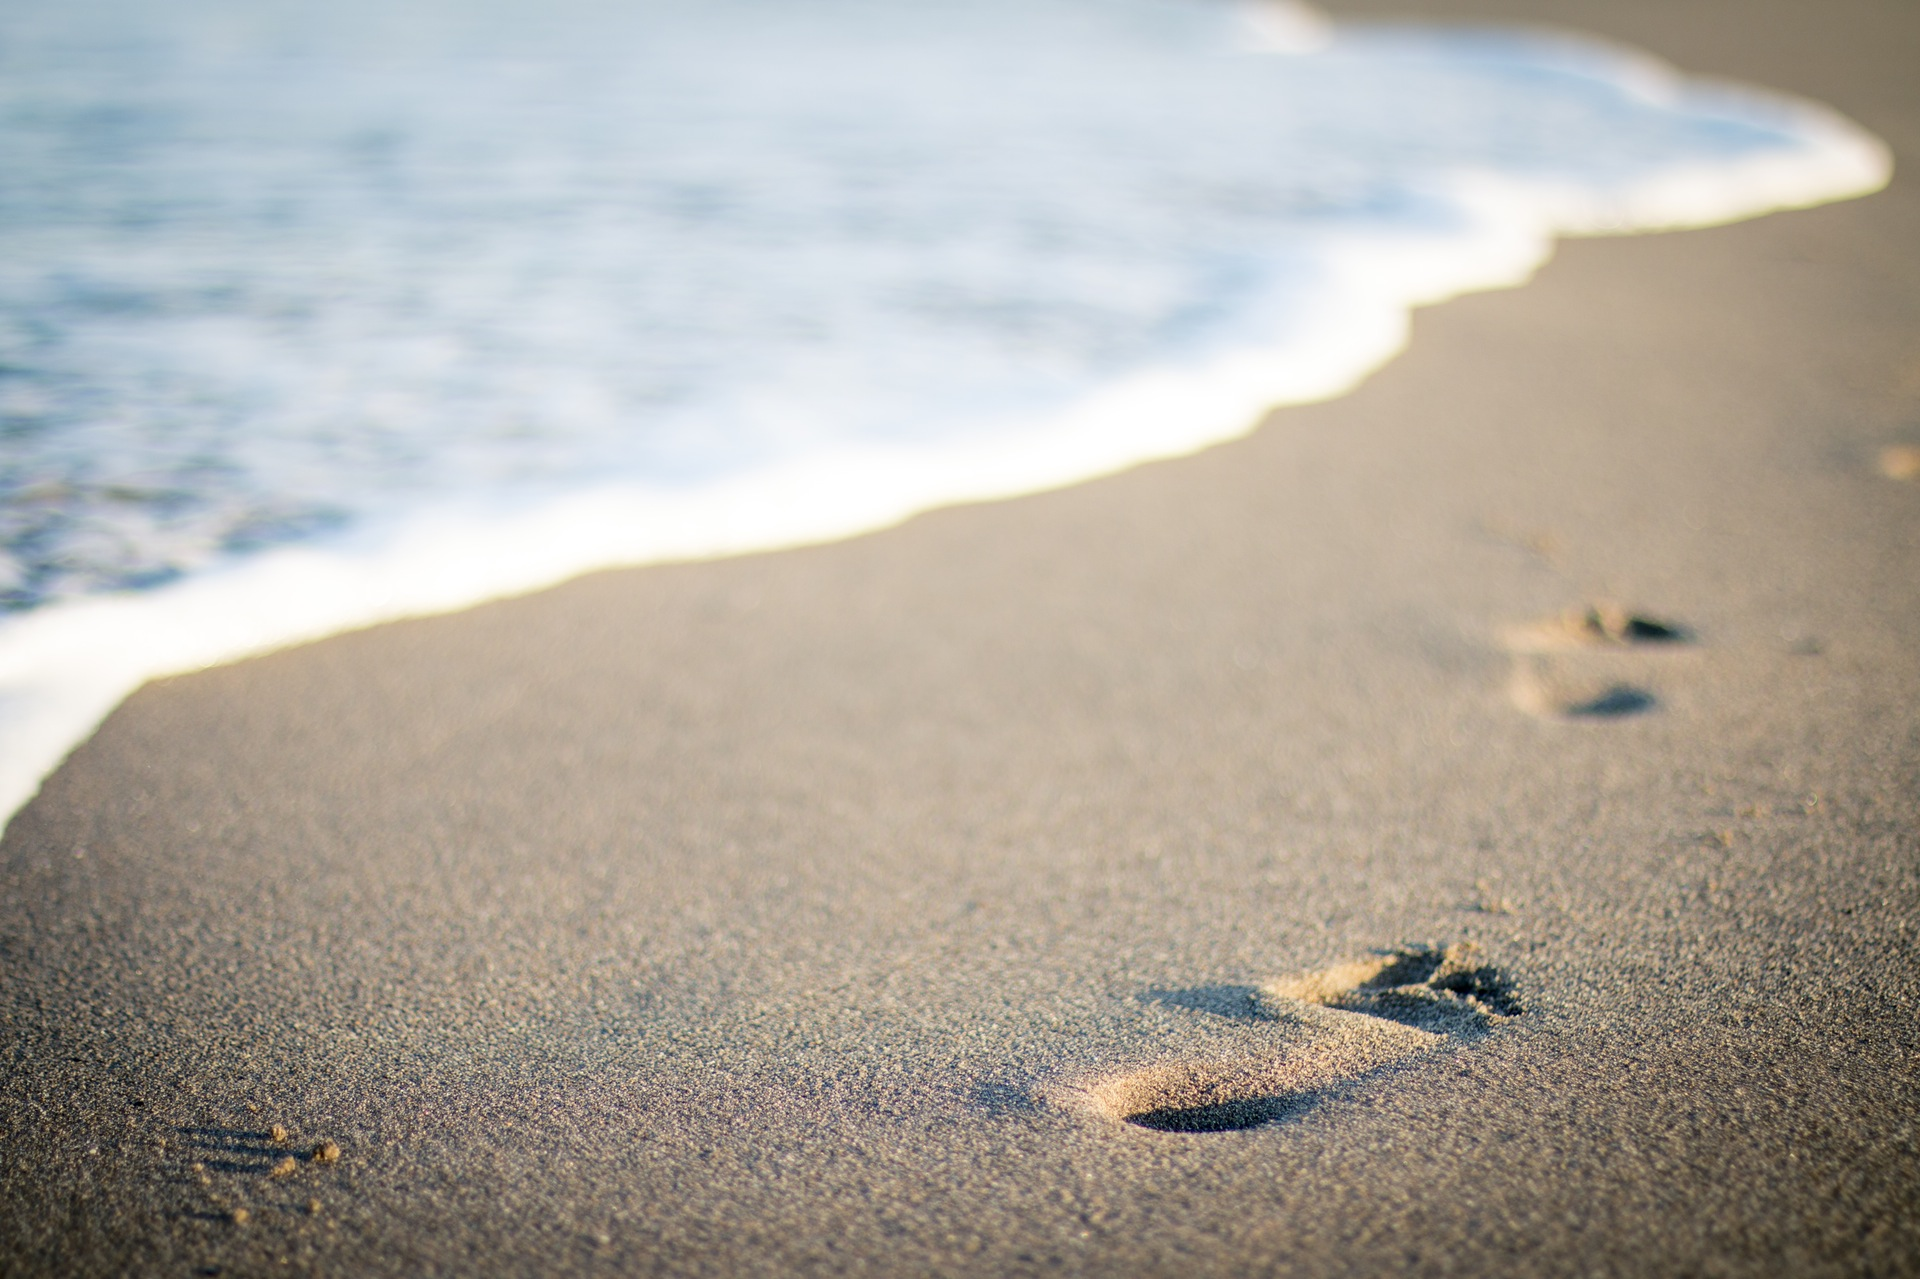 海滩, 沙子, 脚印, 夏季, 假日, 海, 波 - 高清壁纸 - 教授-falken.com